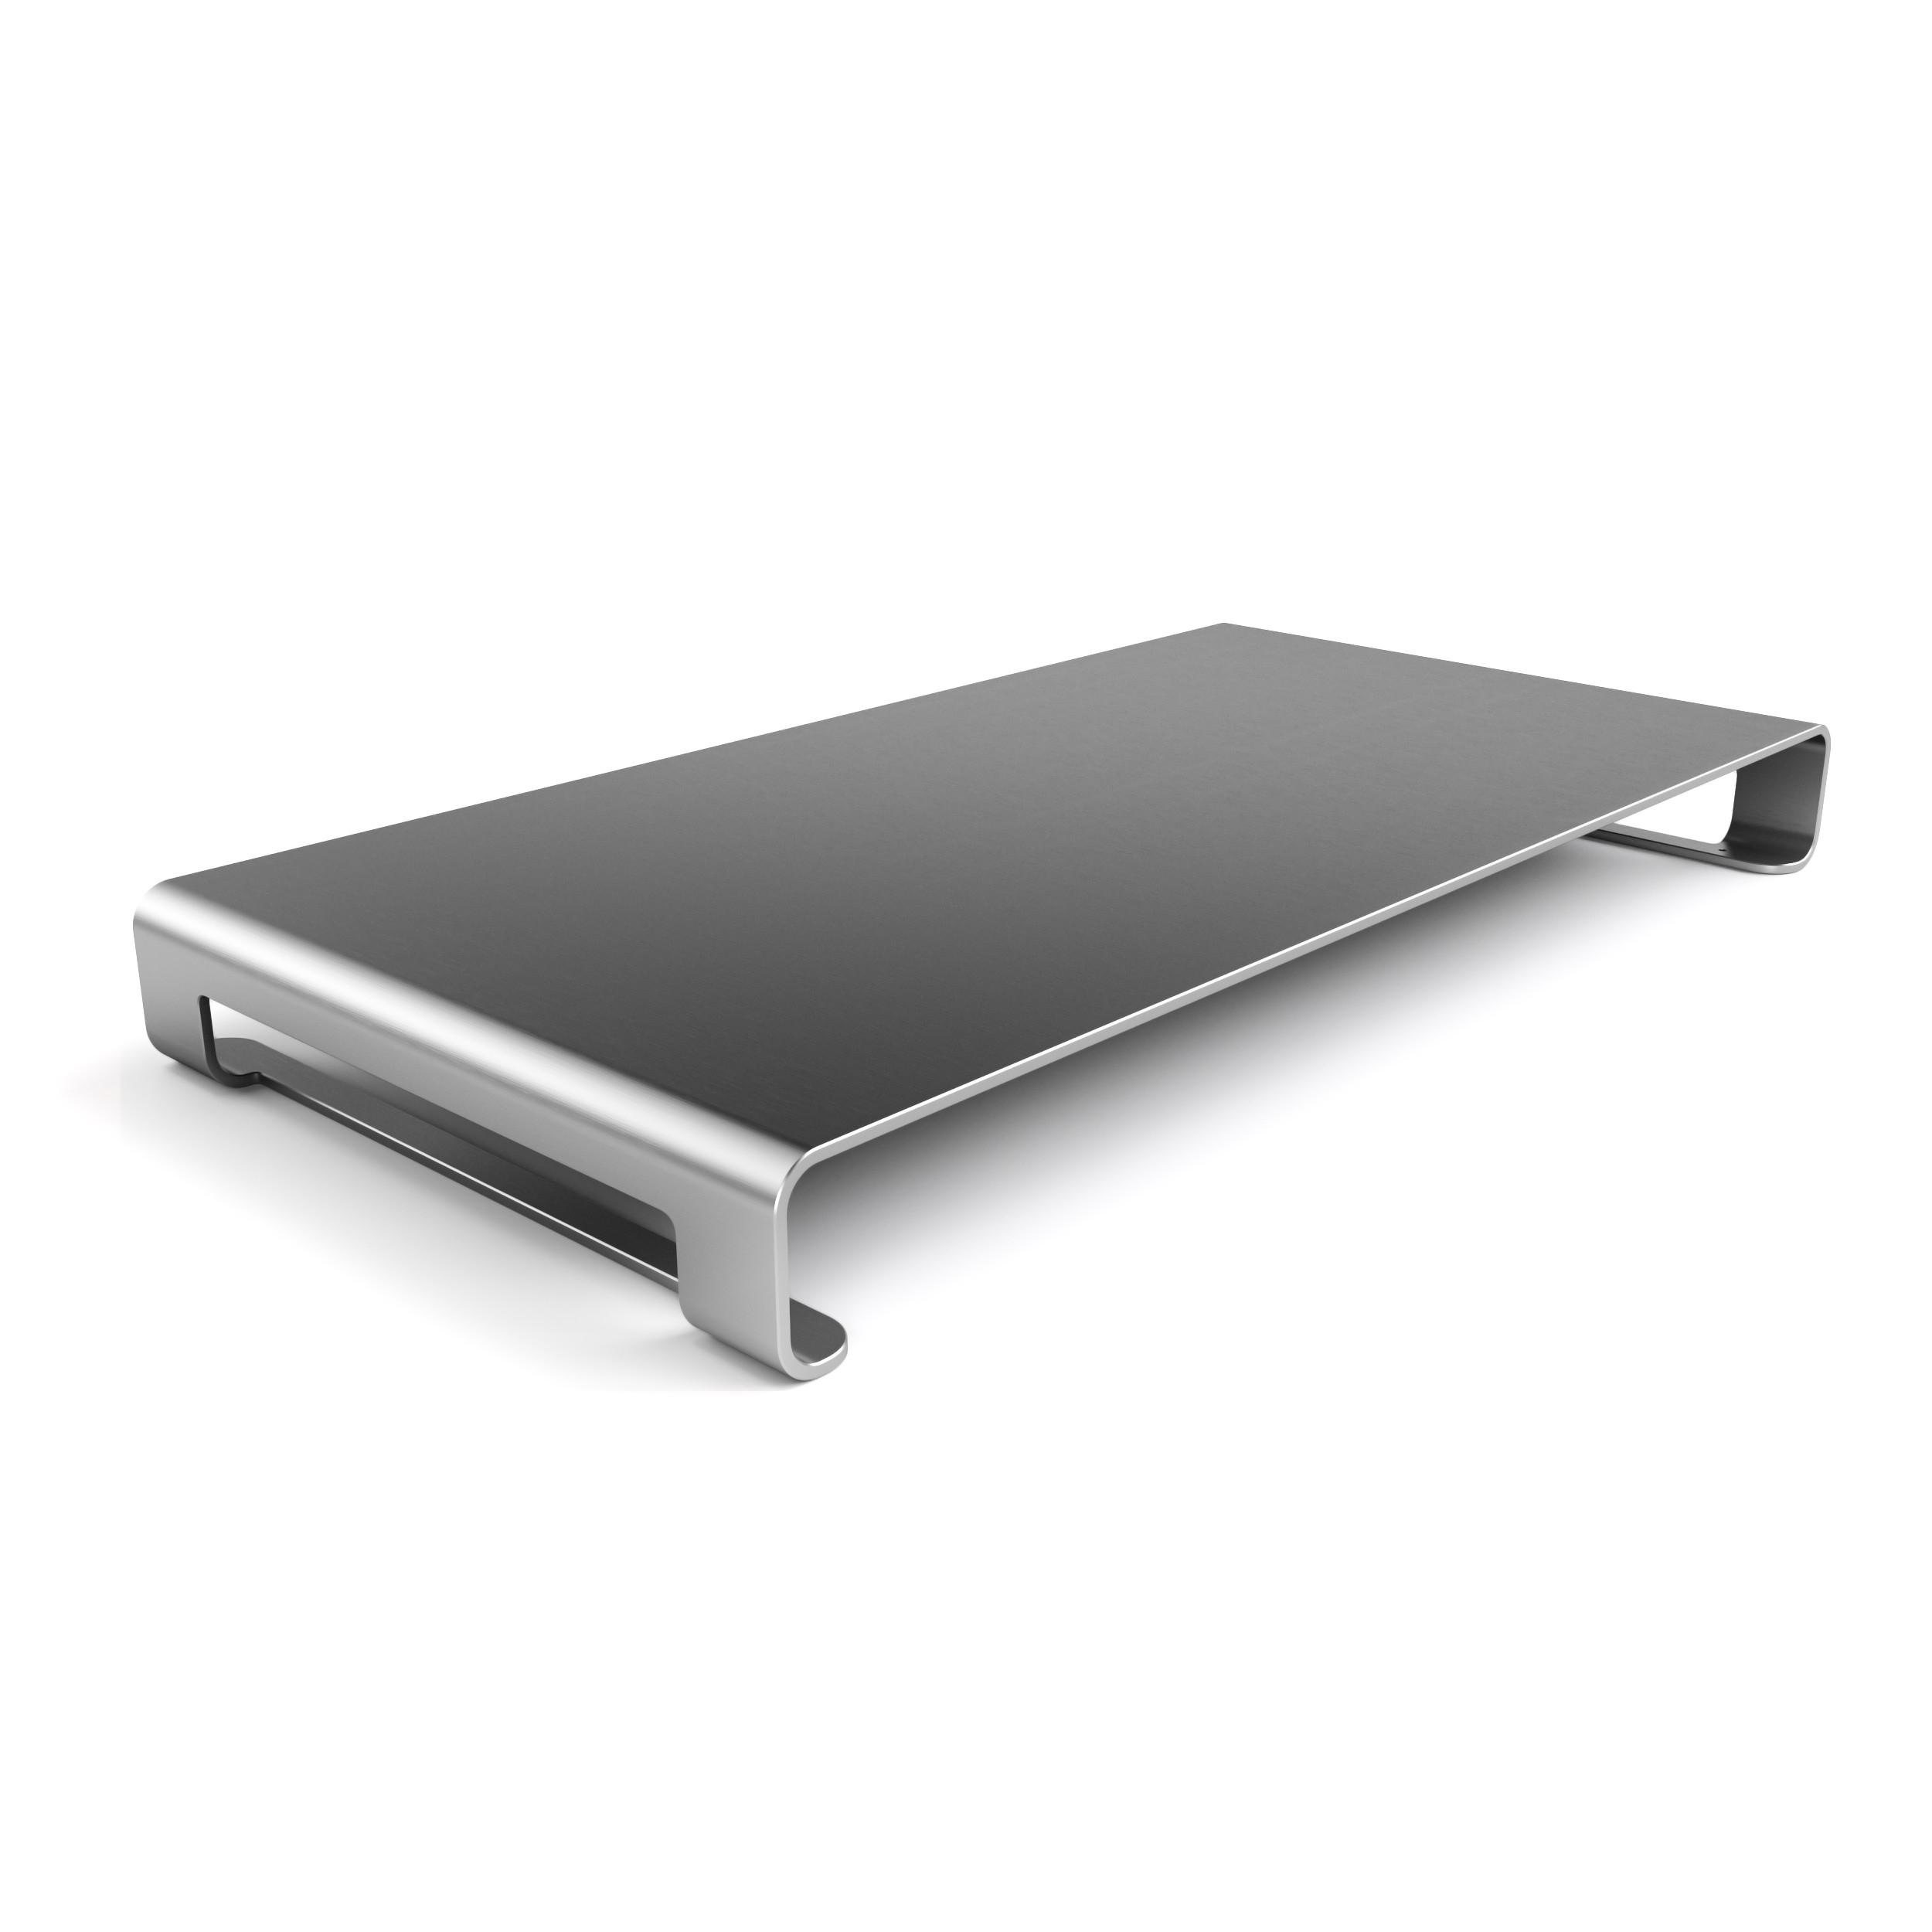 Алюминиевая подставка для монитора Satechi Серый